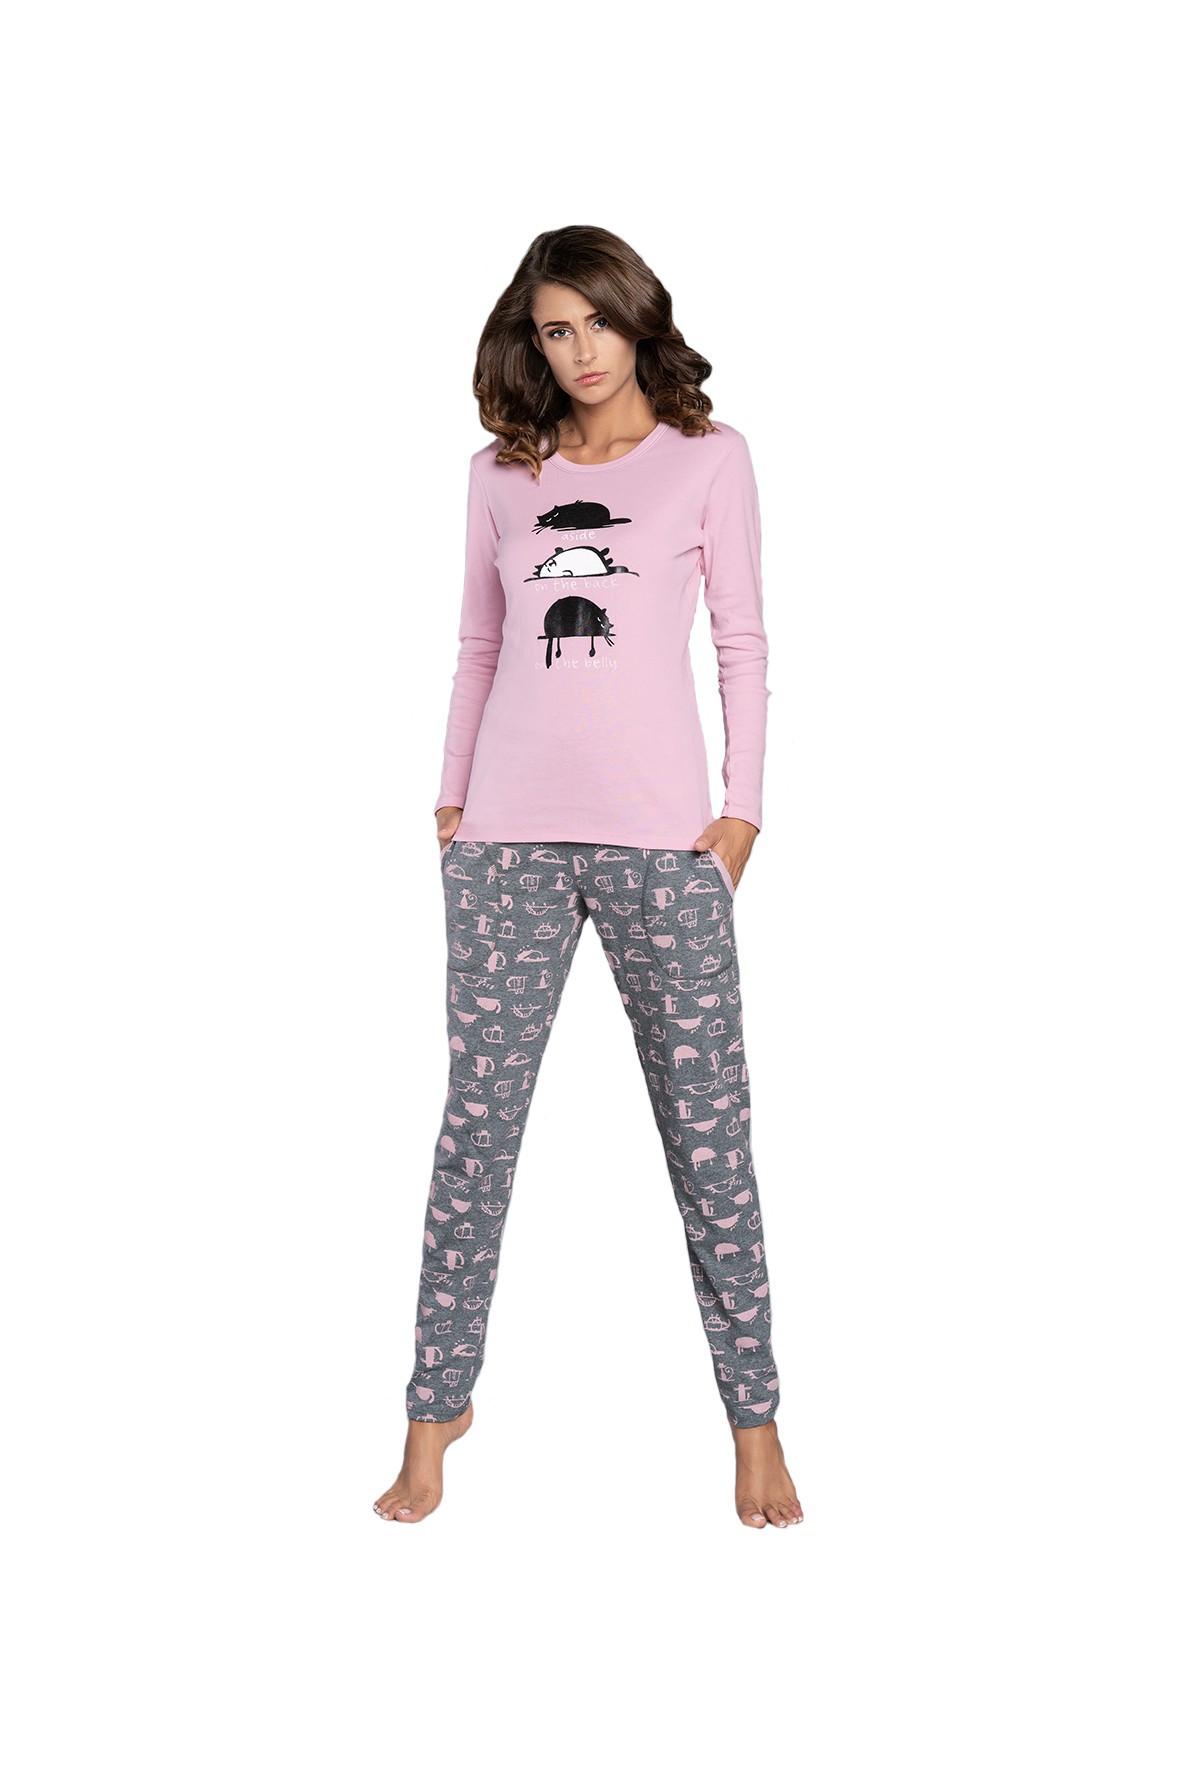 Piżama damska w koty na długi rękaw różowa + długie spodnie  szare